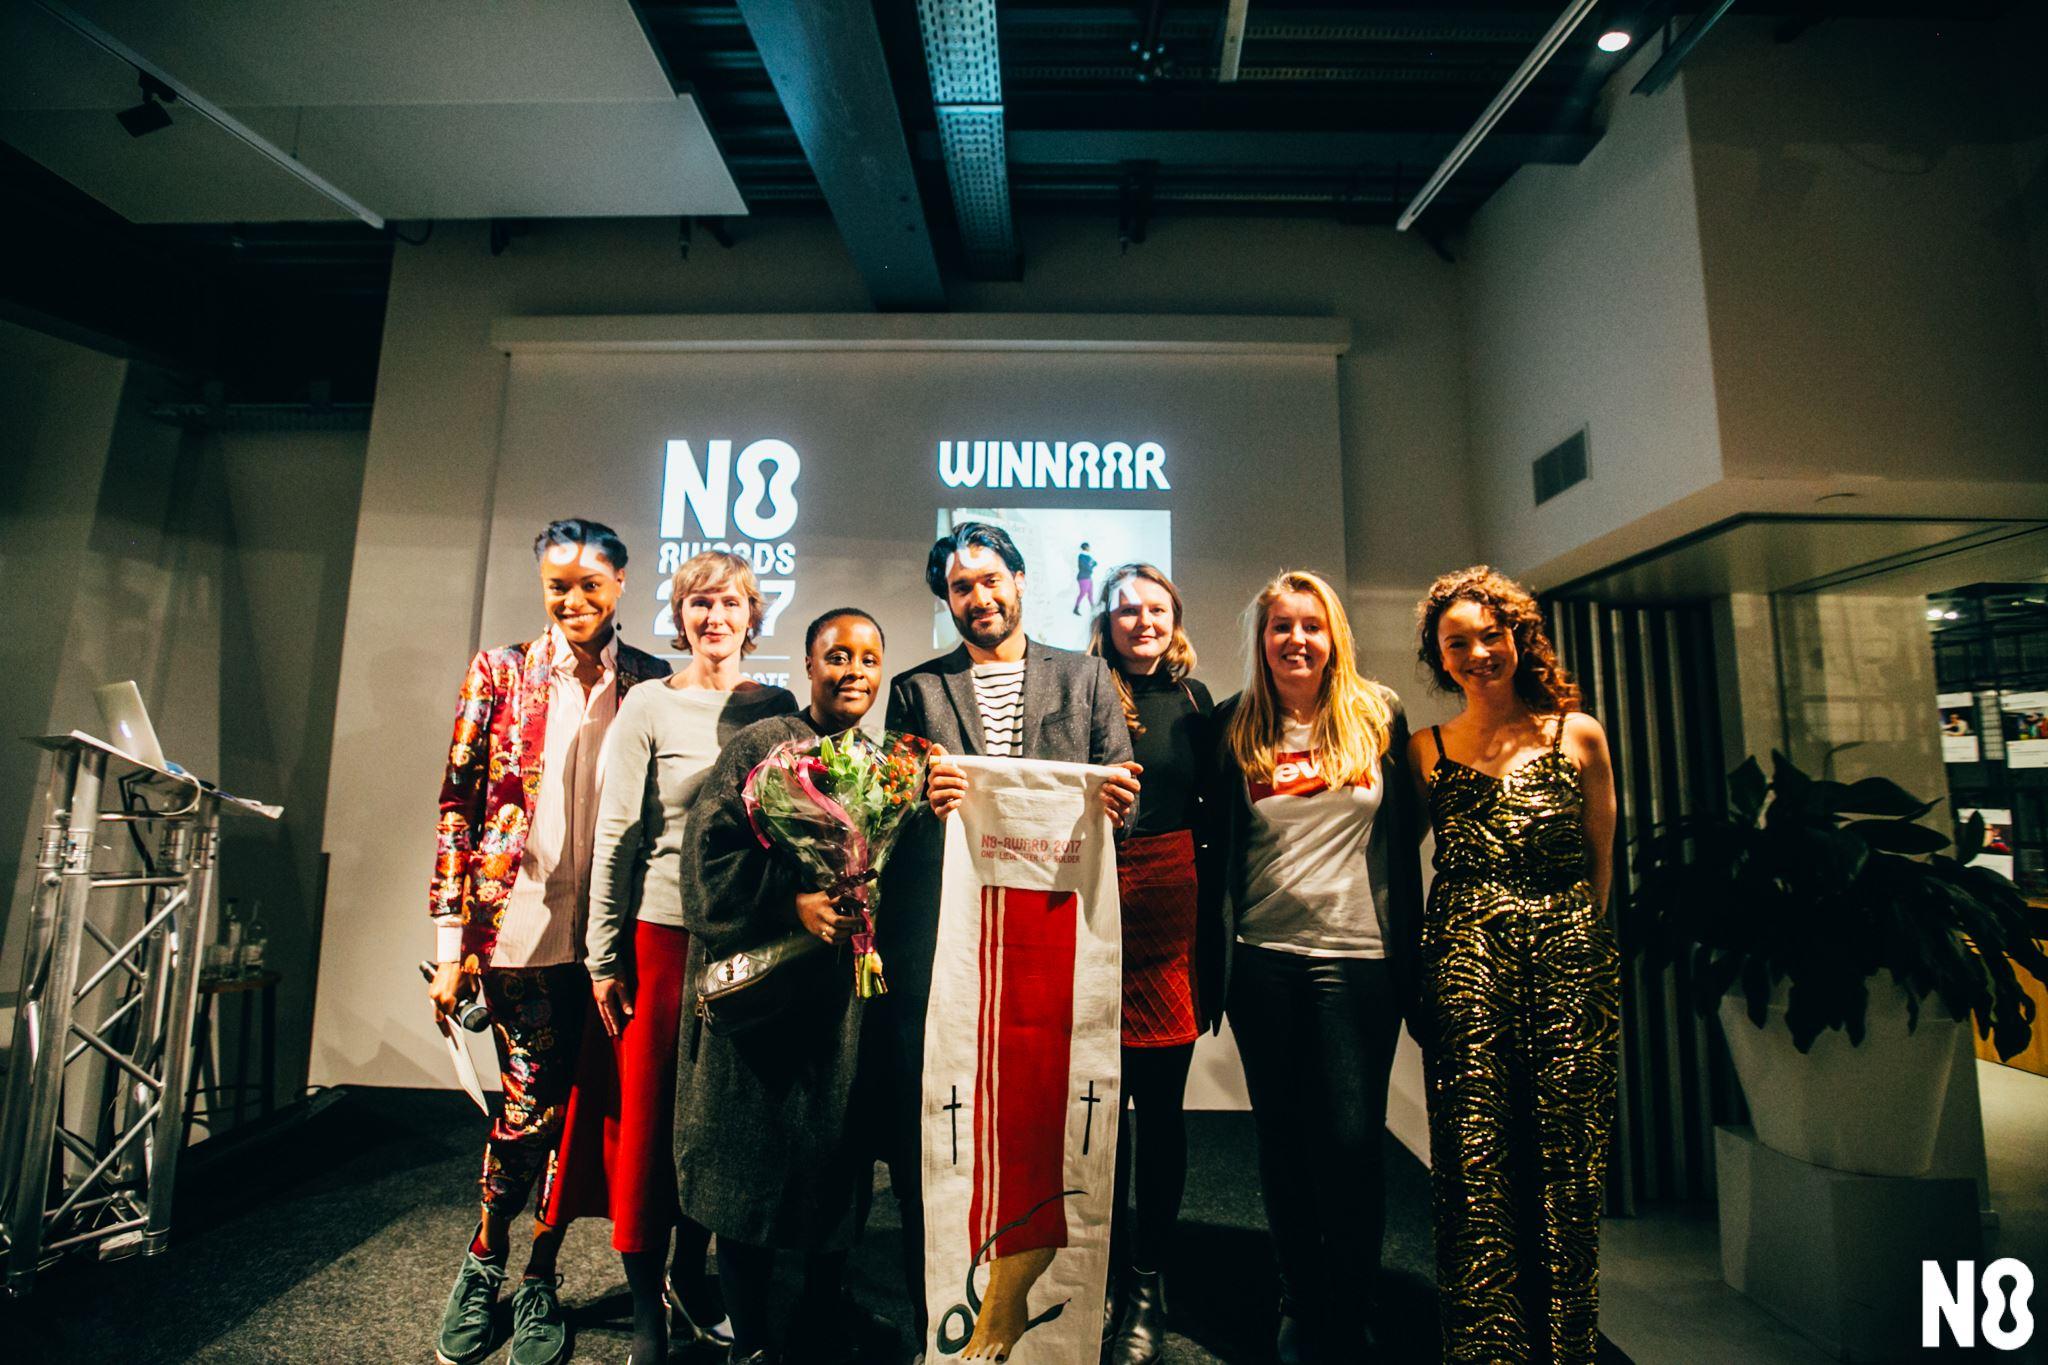 Winner N8 Awards